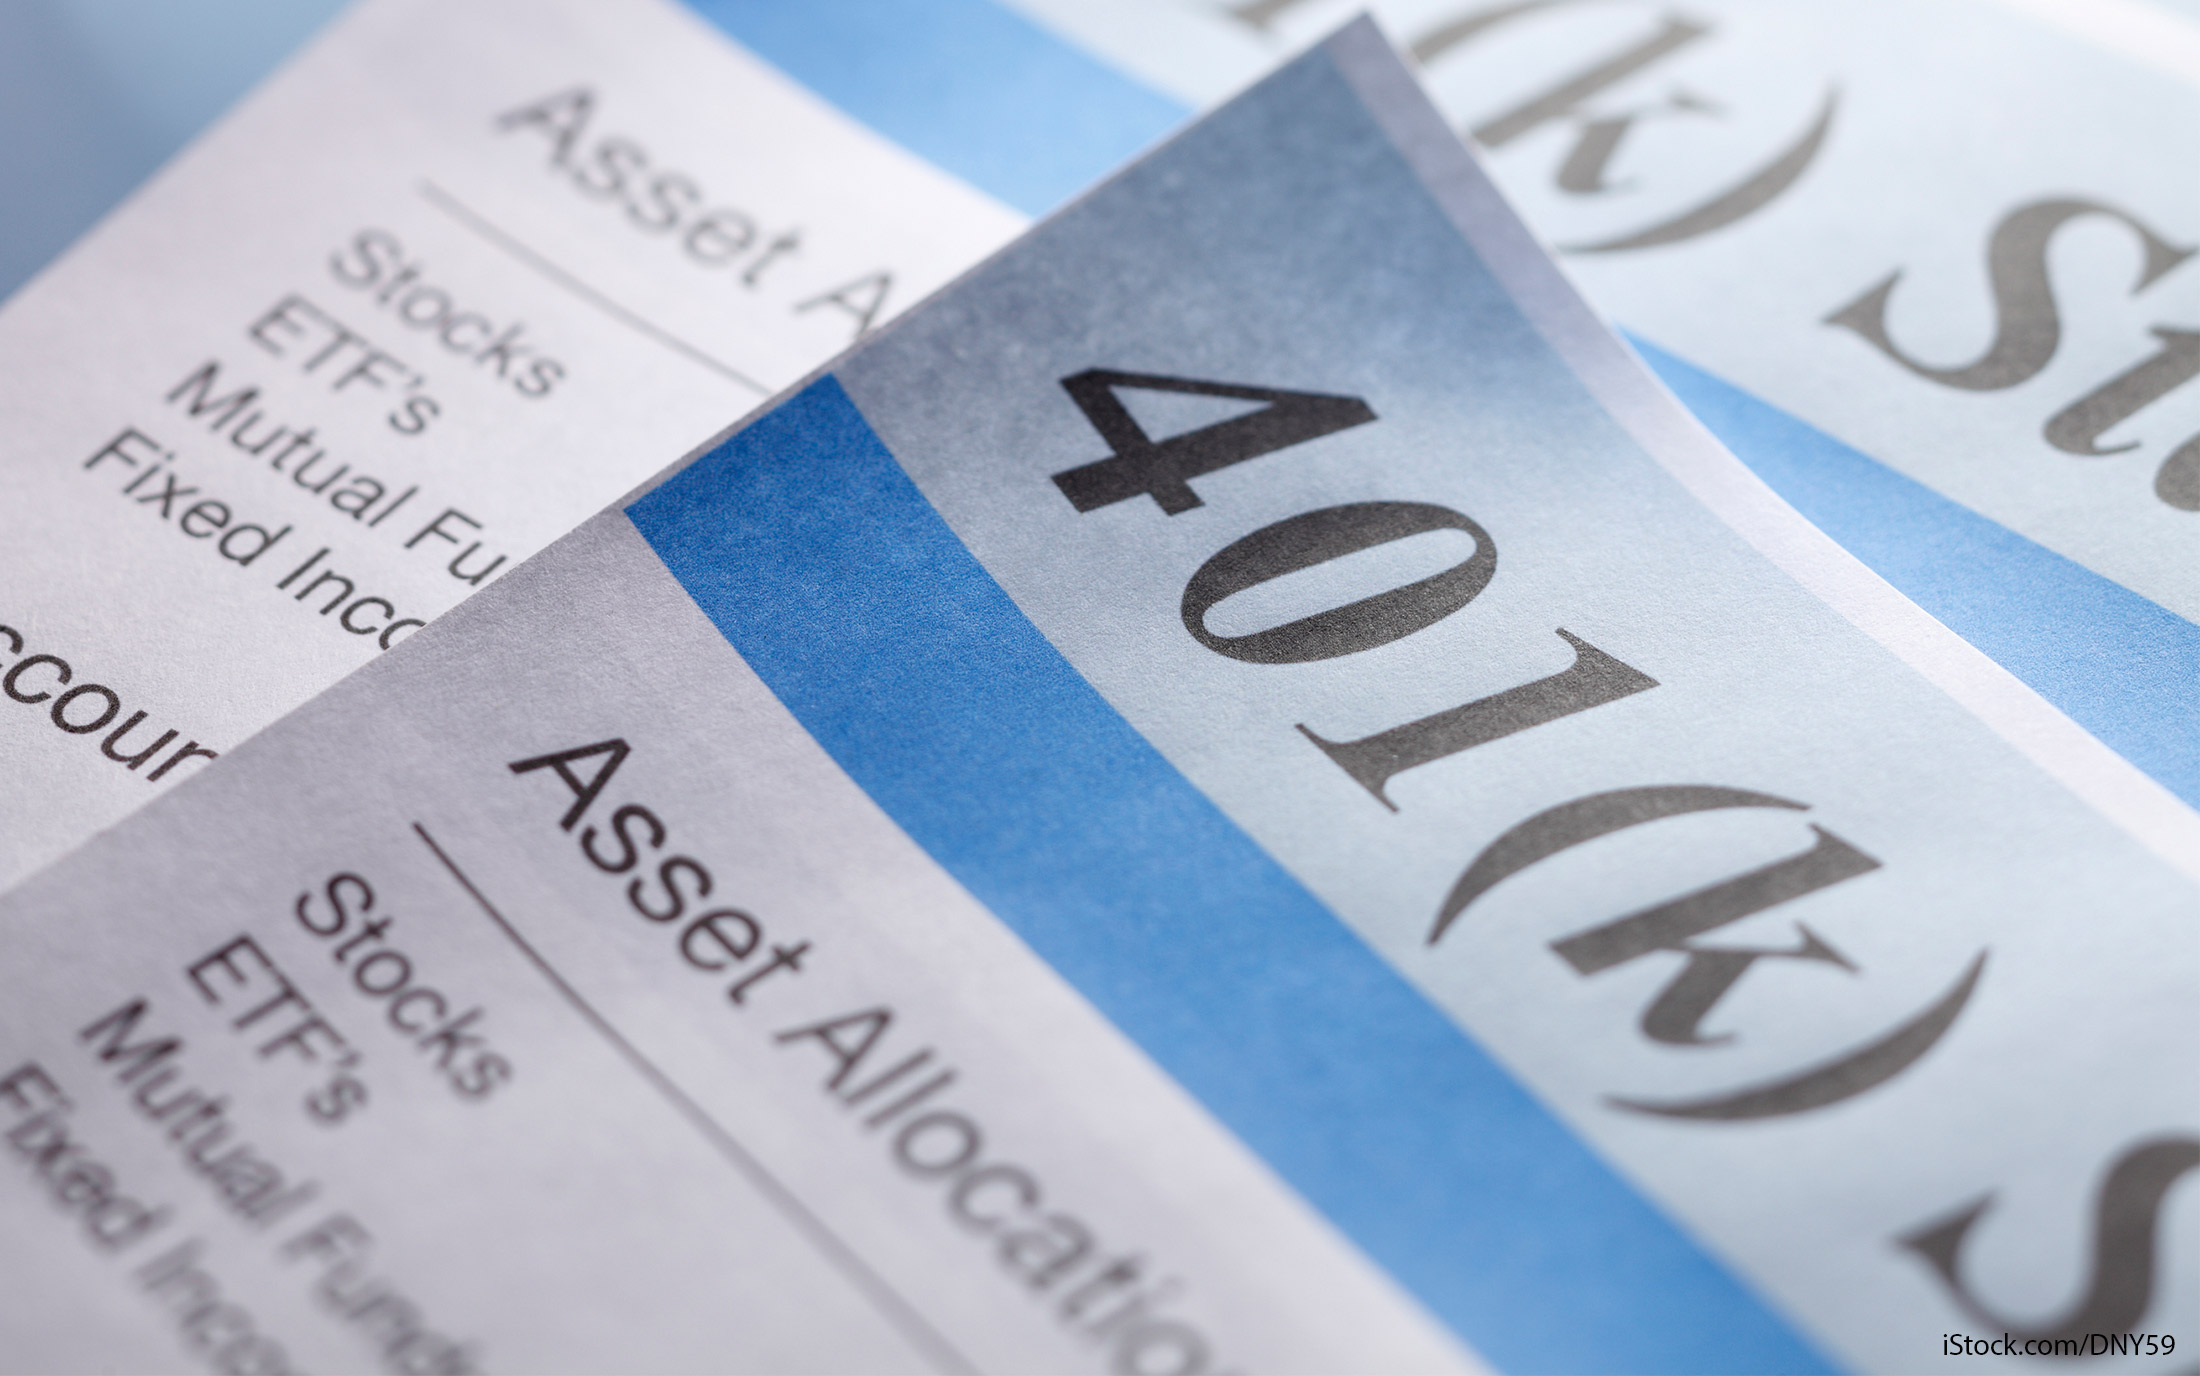 ignoring 401k plan